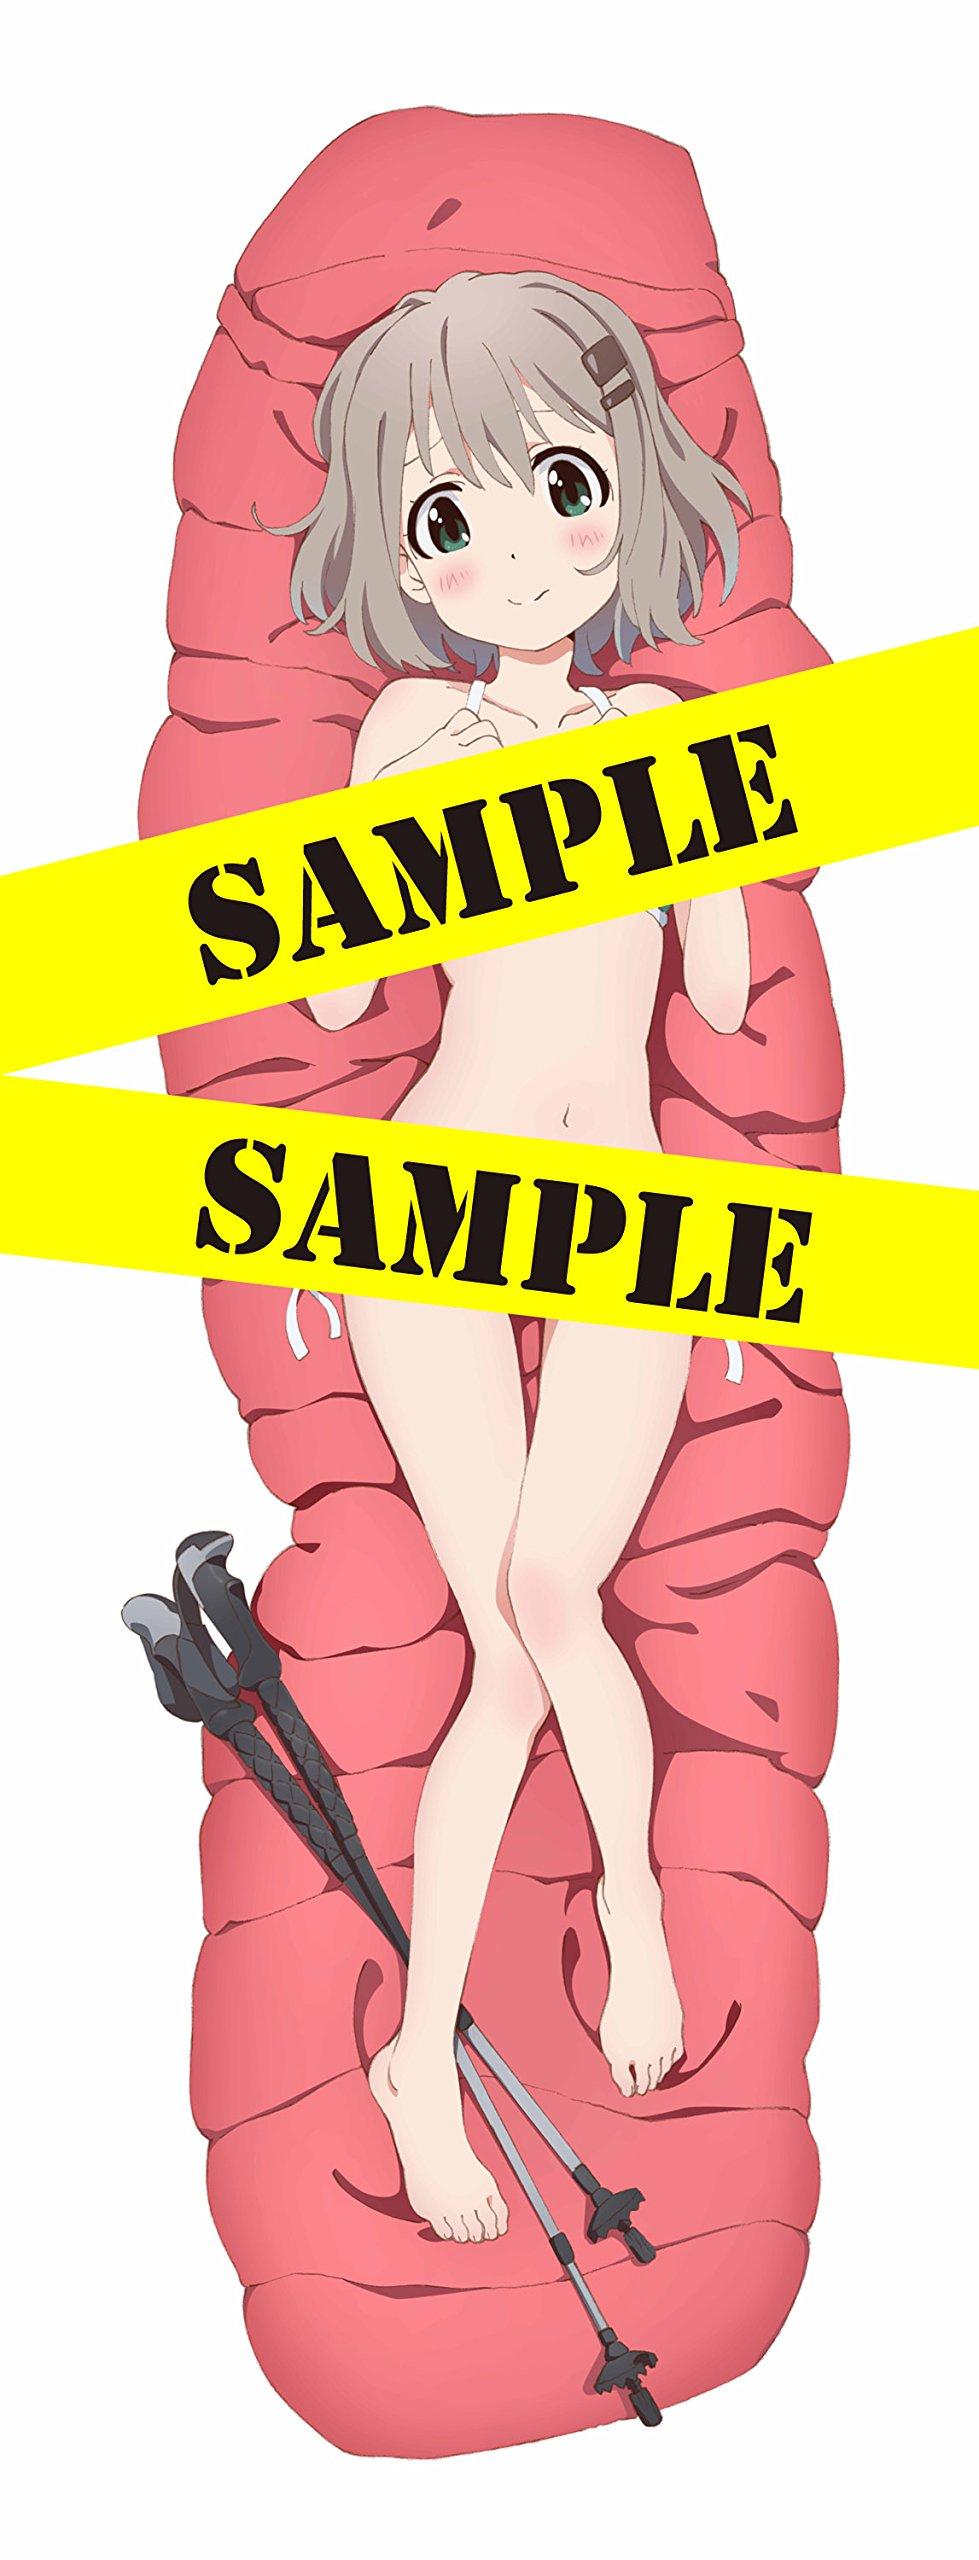 裸の立ち絵画像を集めようぜ Part22©bbspink.com->画像>899枚